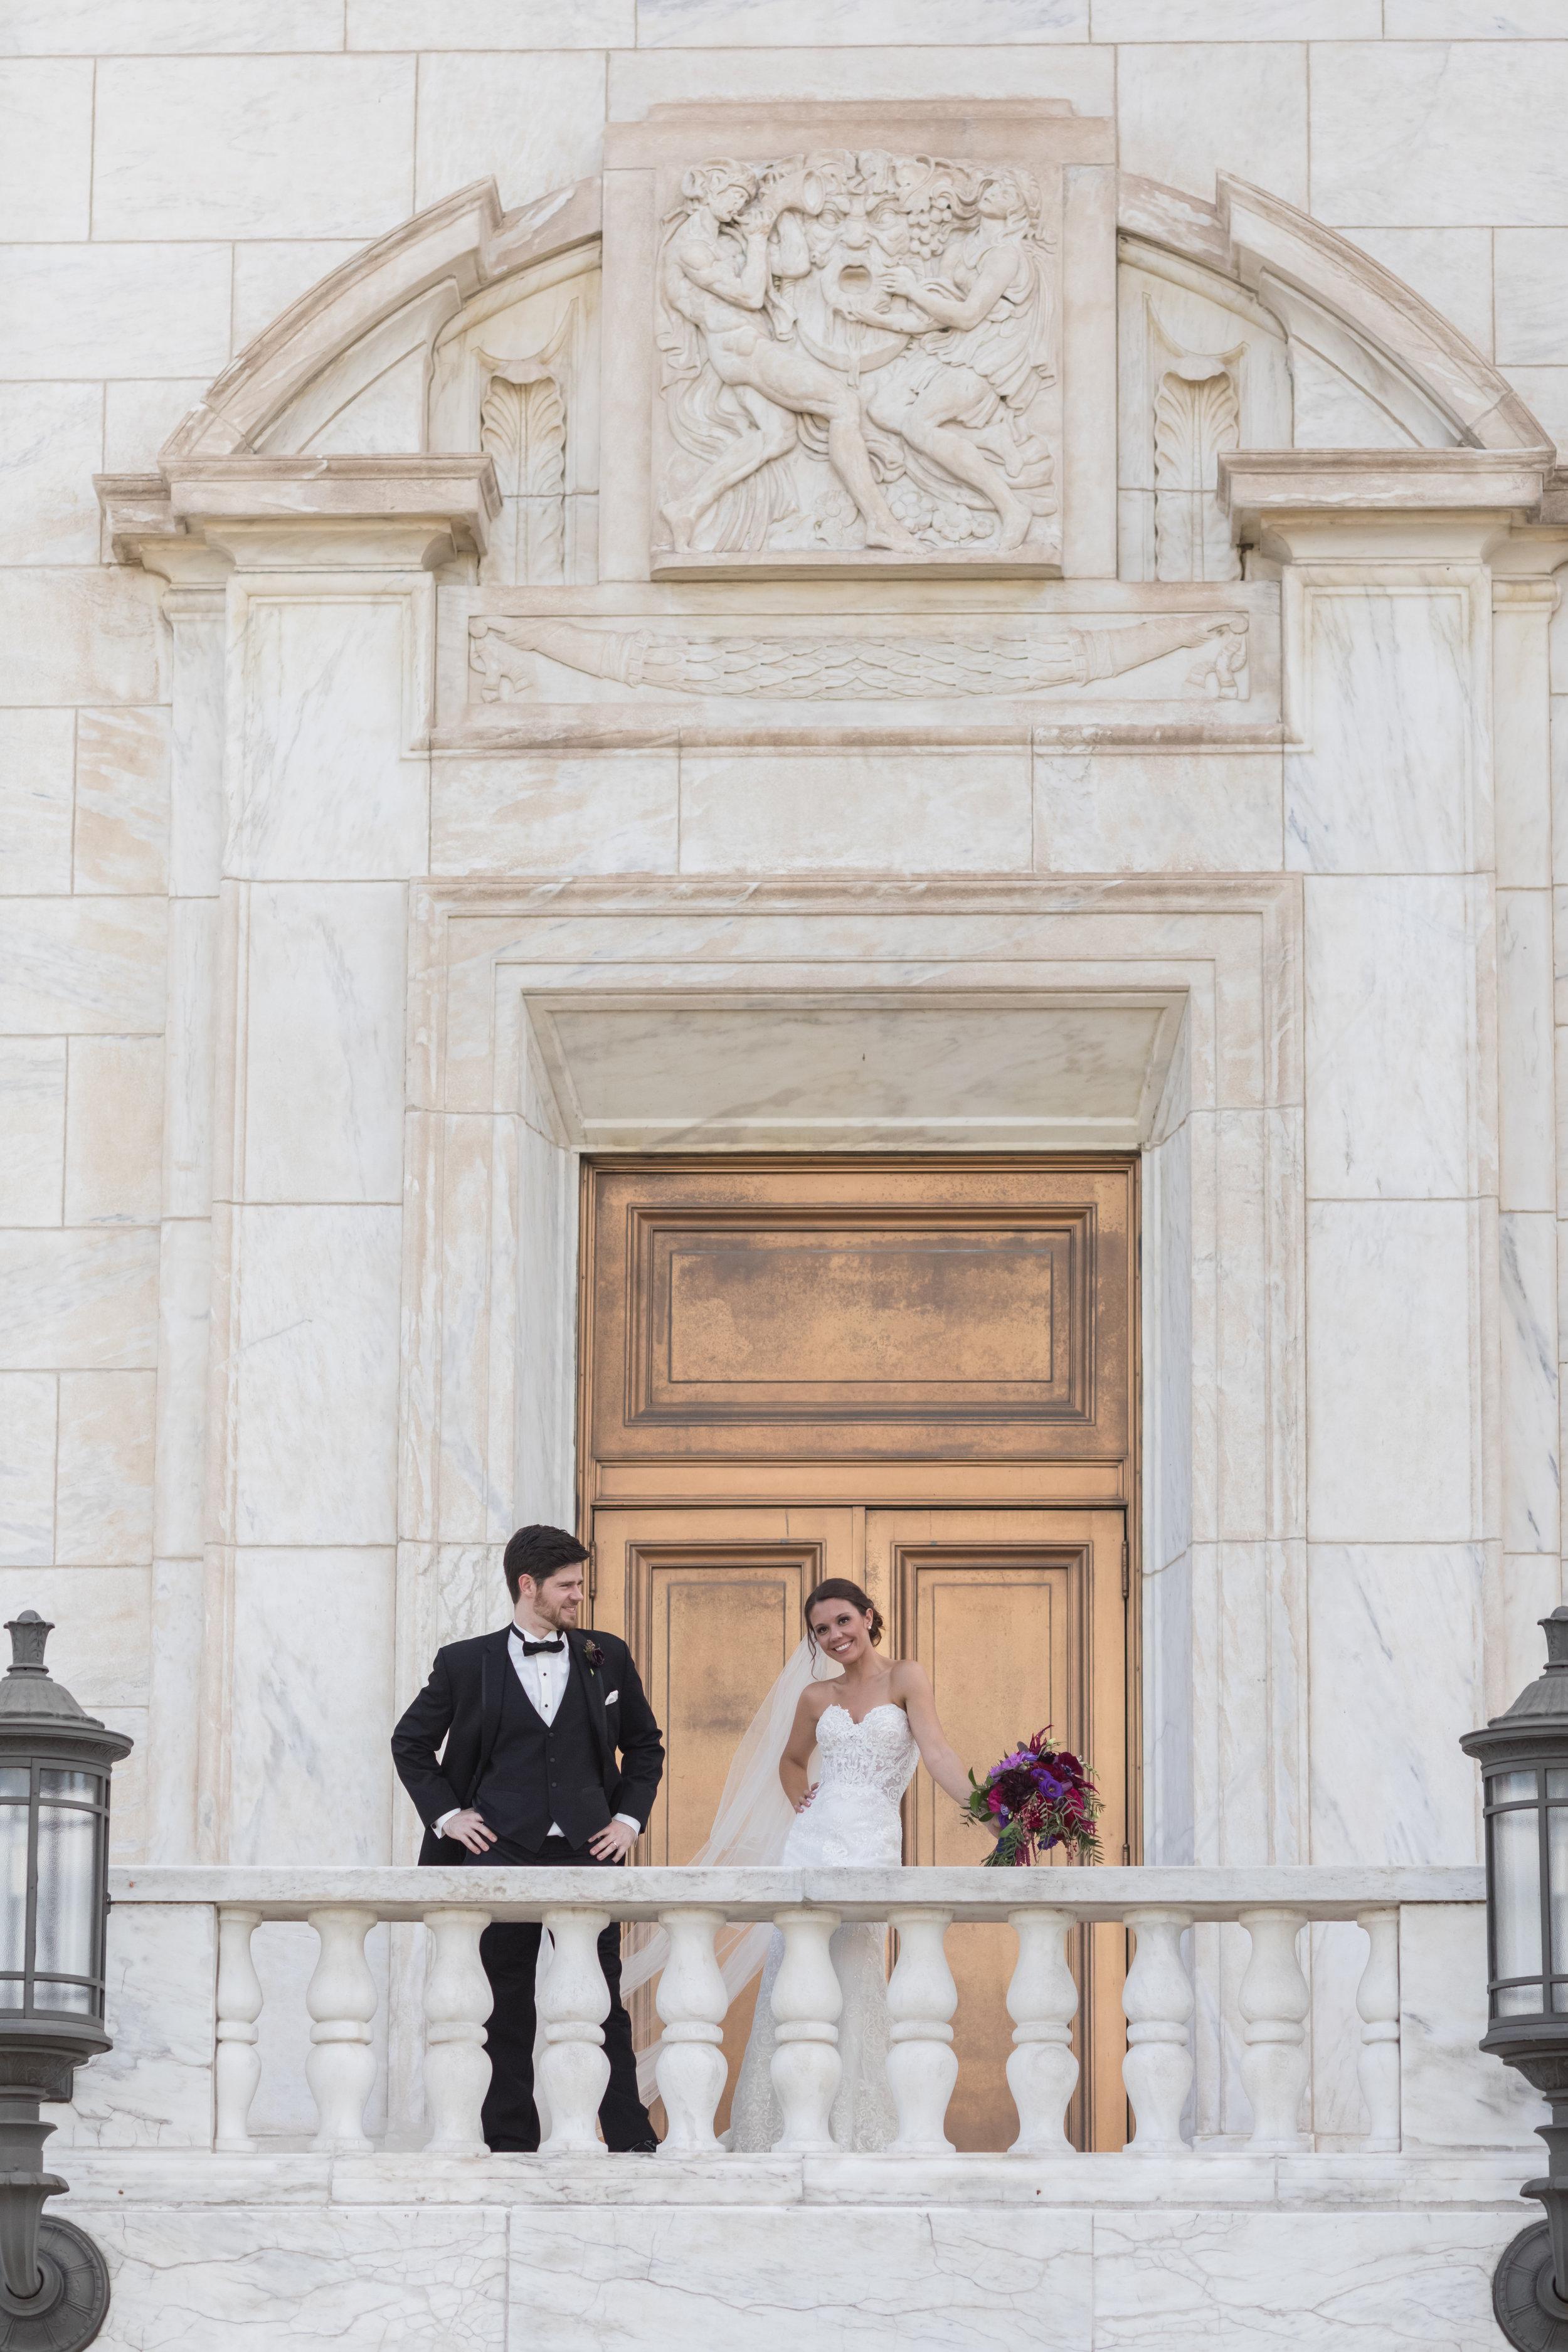 shareyah_John_detroit_wedding_preview_045.JPG